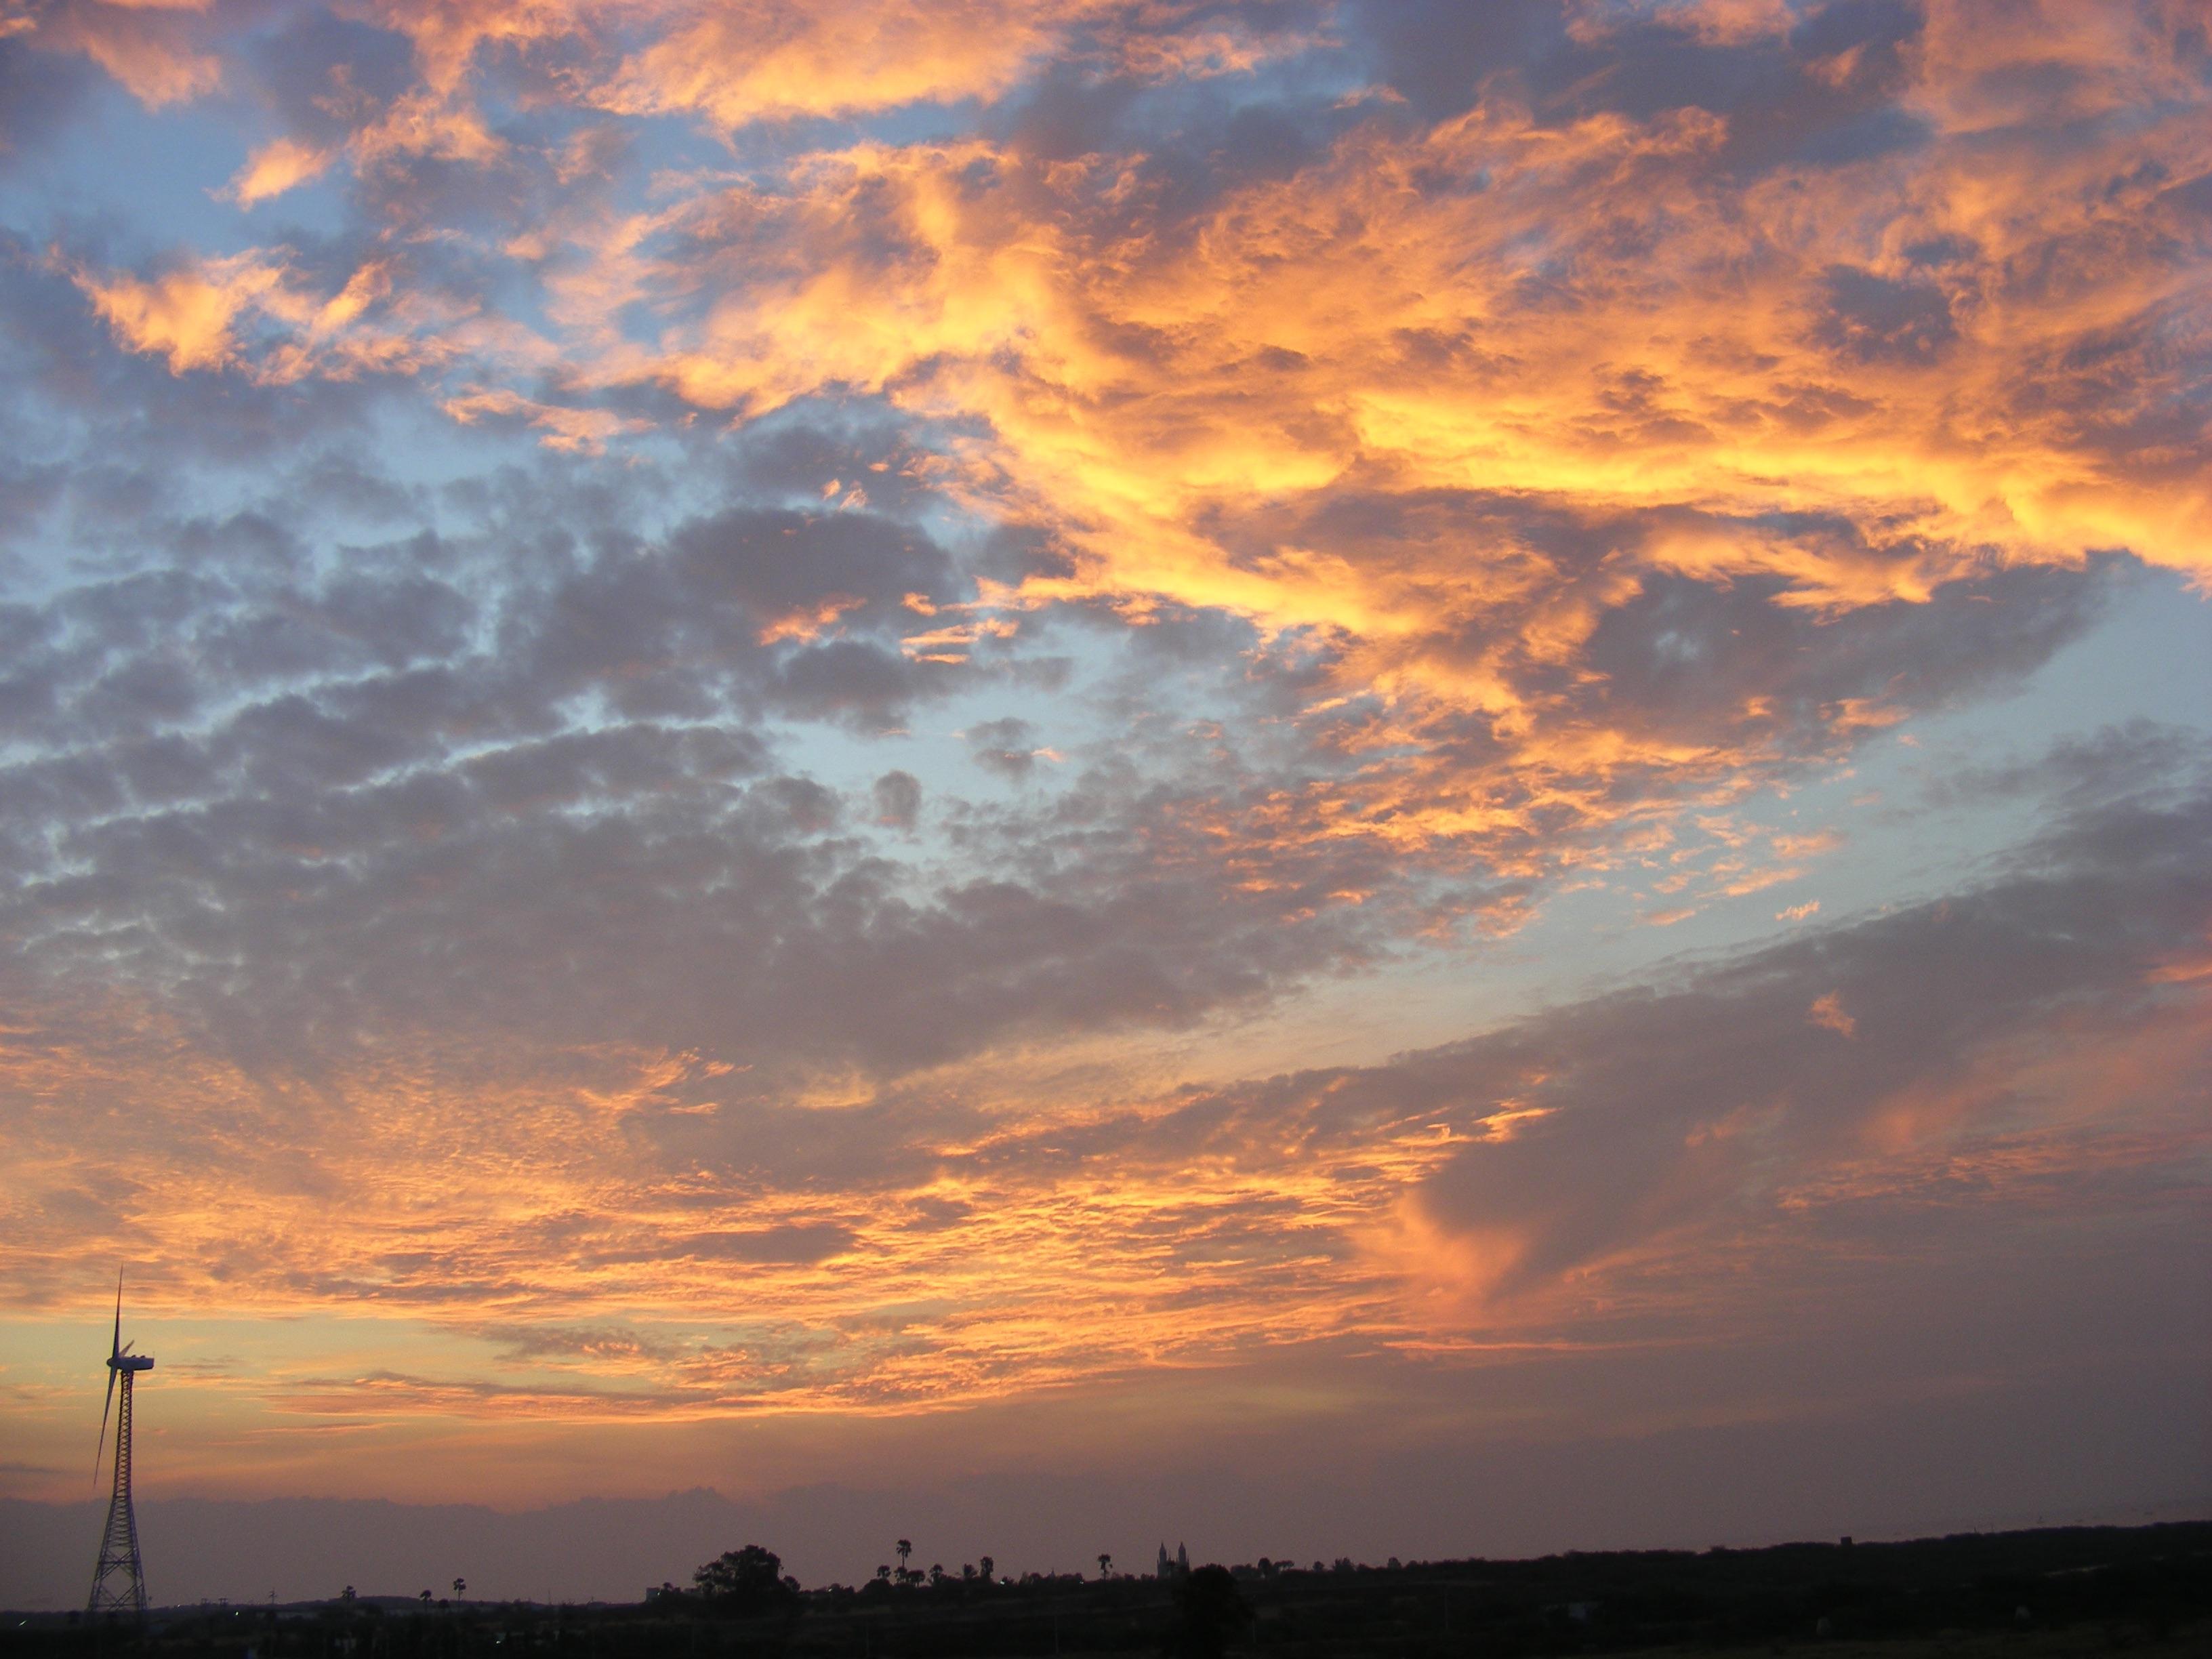 фото небо с облаками и солнцем новости том, что